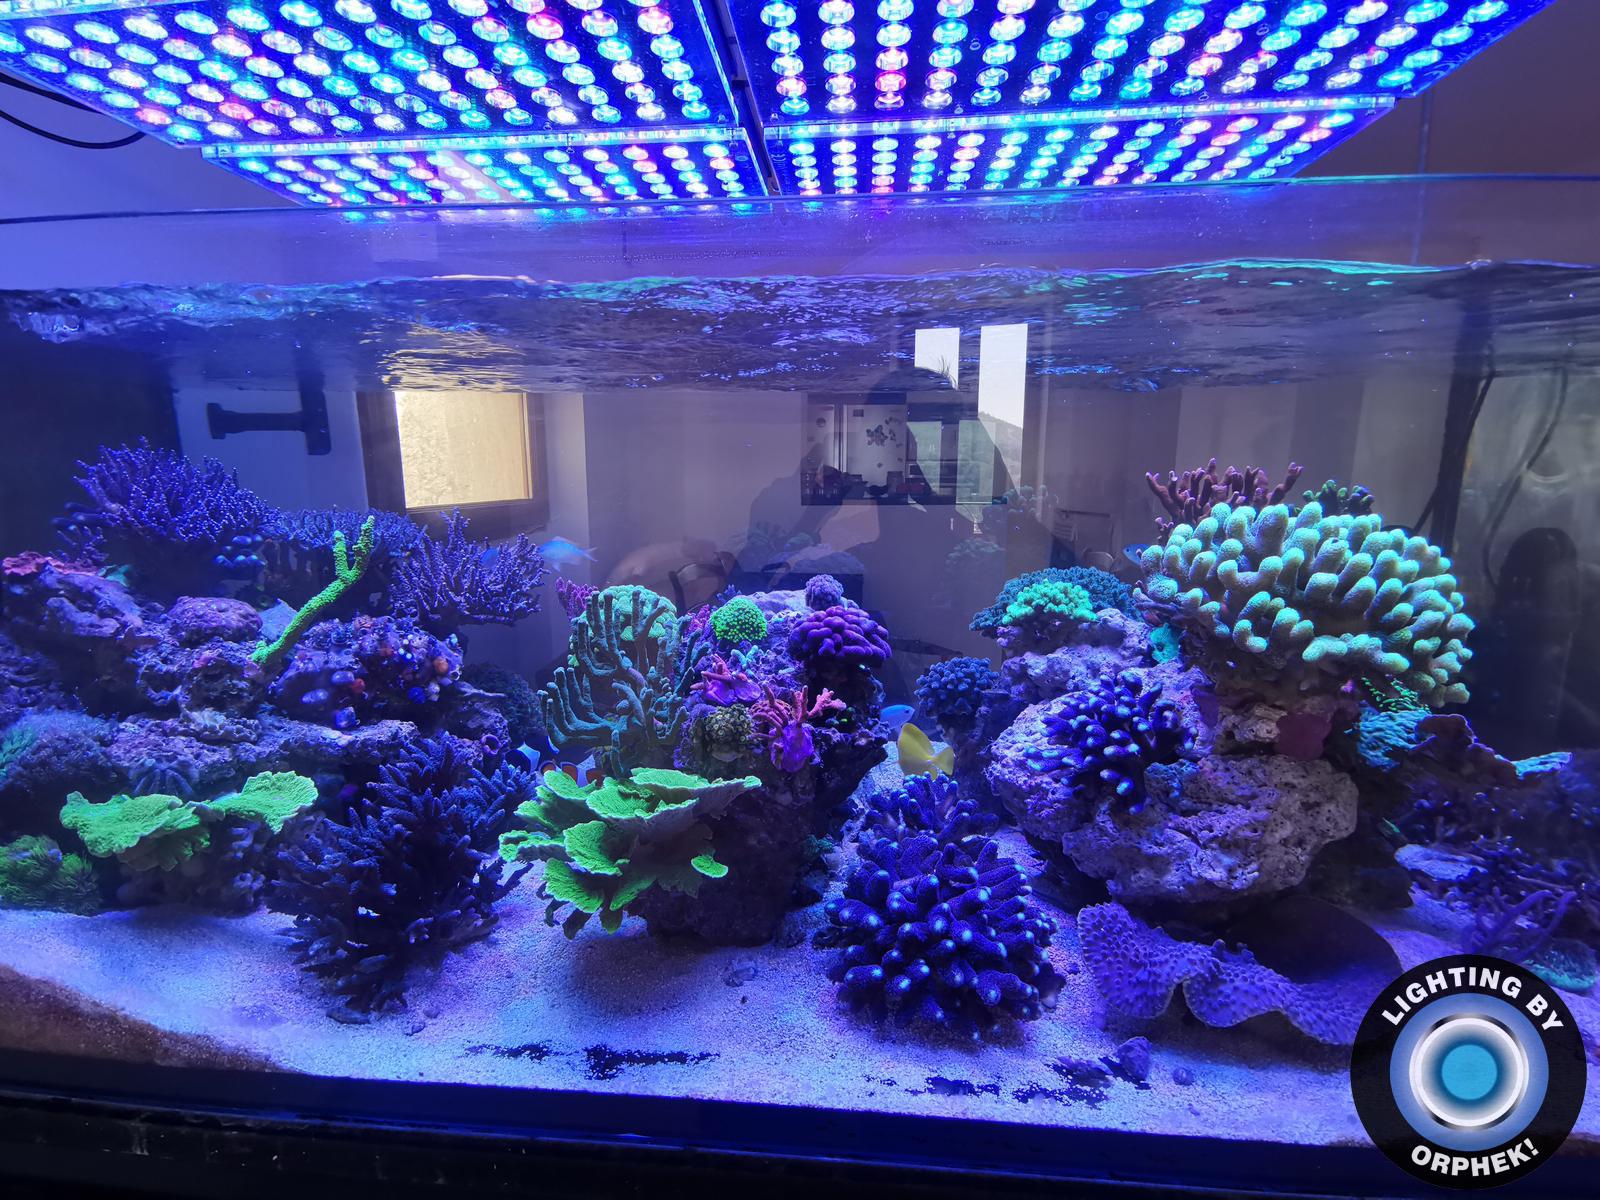 atlantik v4 snest reef iluminação do aquário 2020